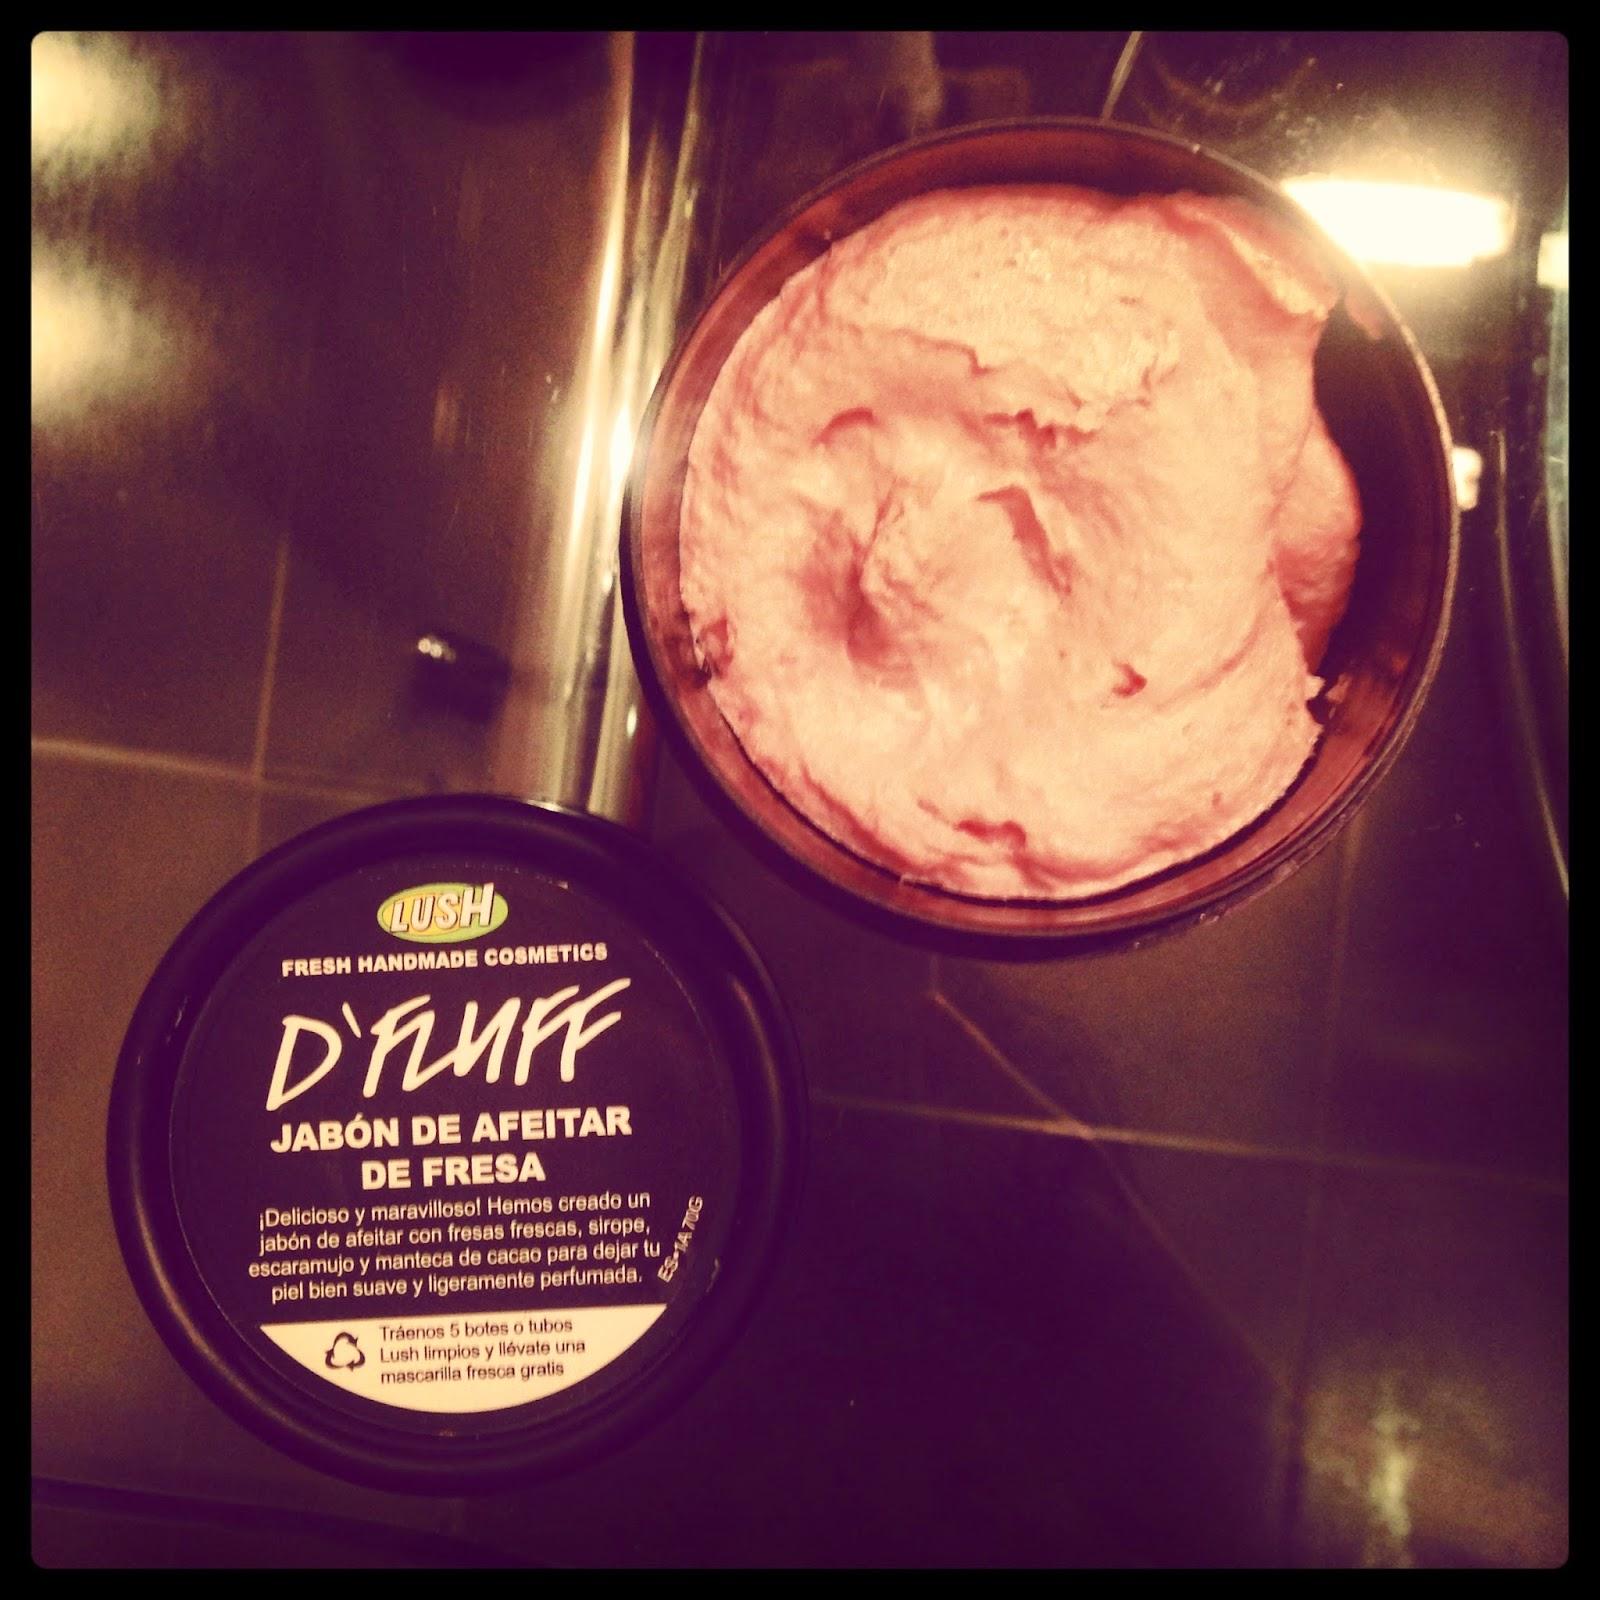 D'Fluff, fresas y depilación.